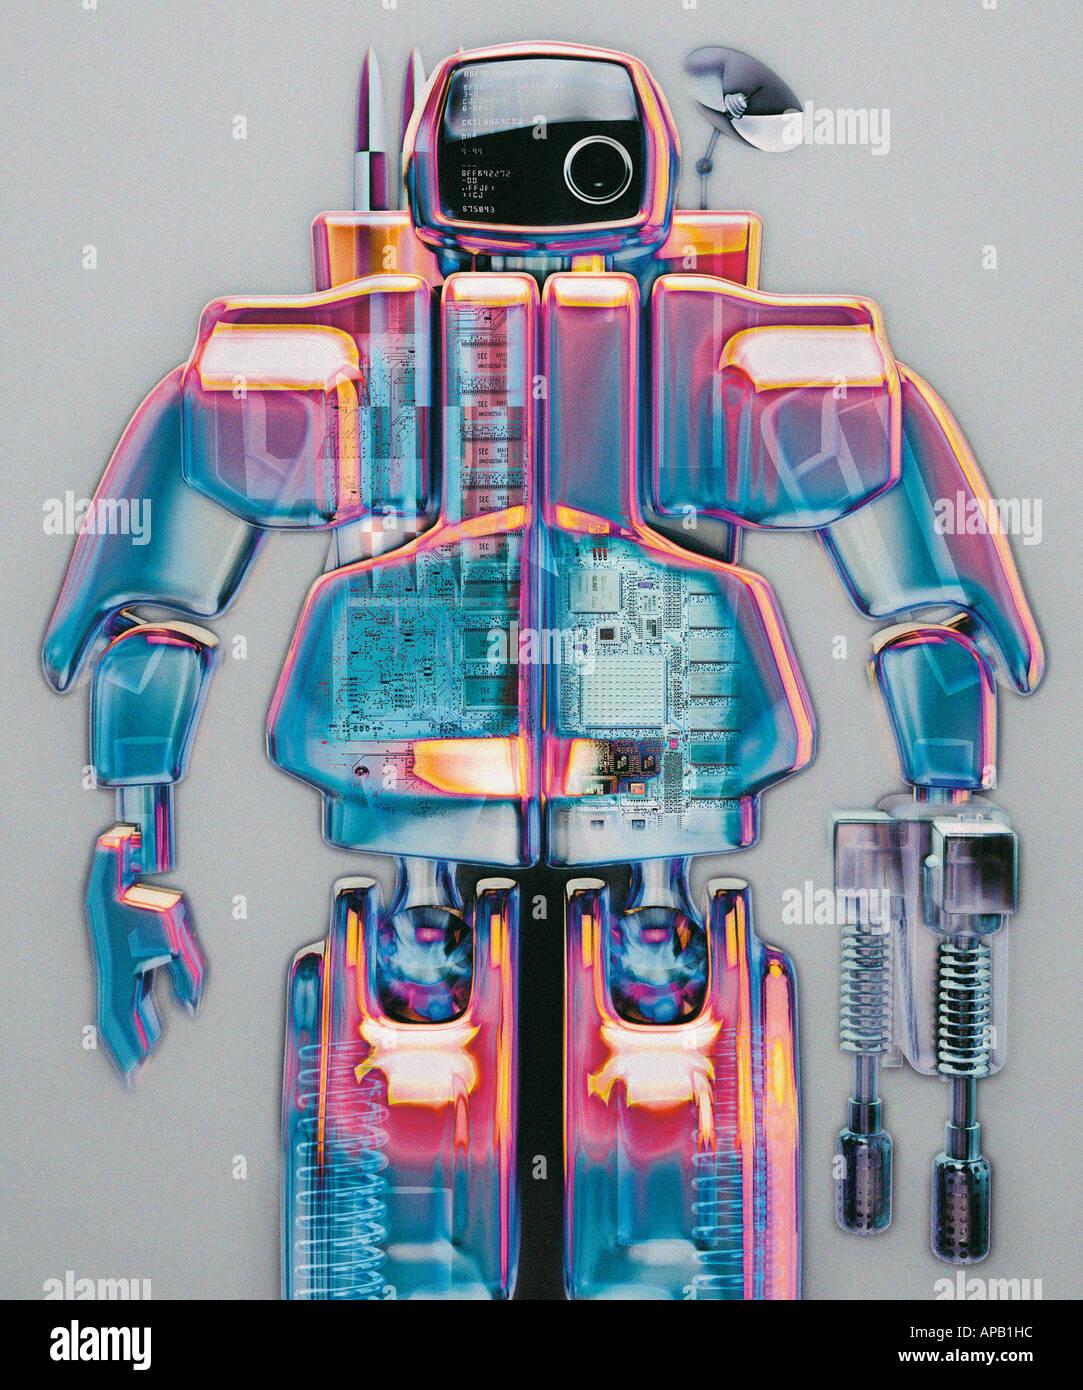 Computer immagine generata di un rosa e blu robot Foto Stock